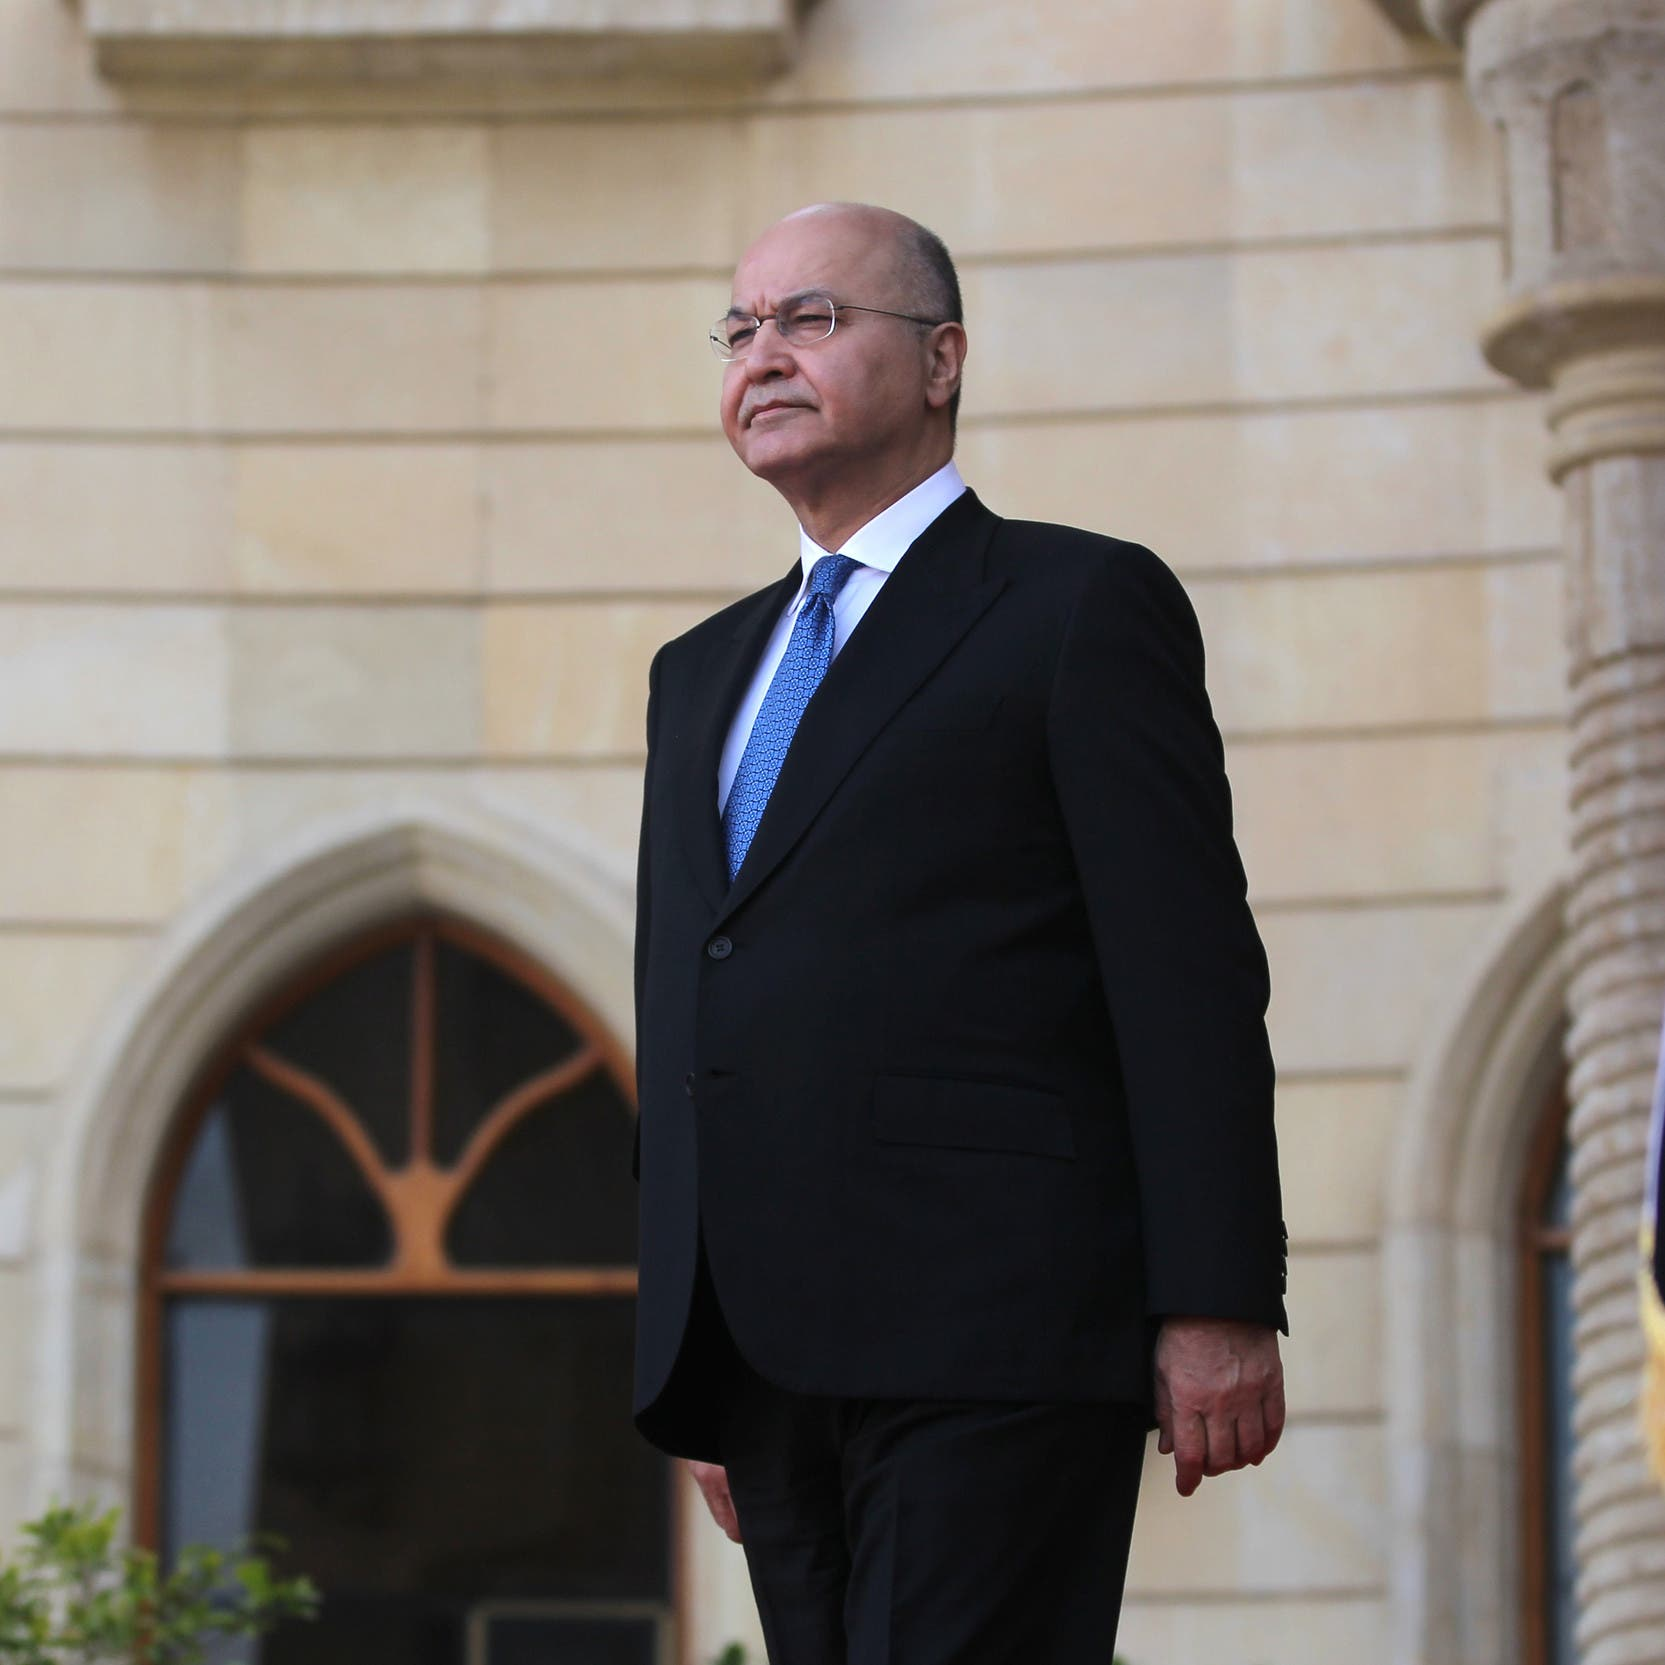 رئيس العراق: سنقدم هذا الأسبوع قانون انتخاب جديدا